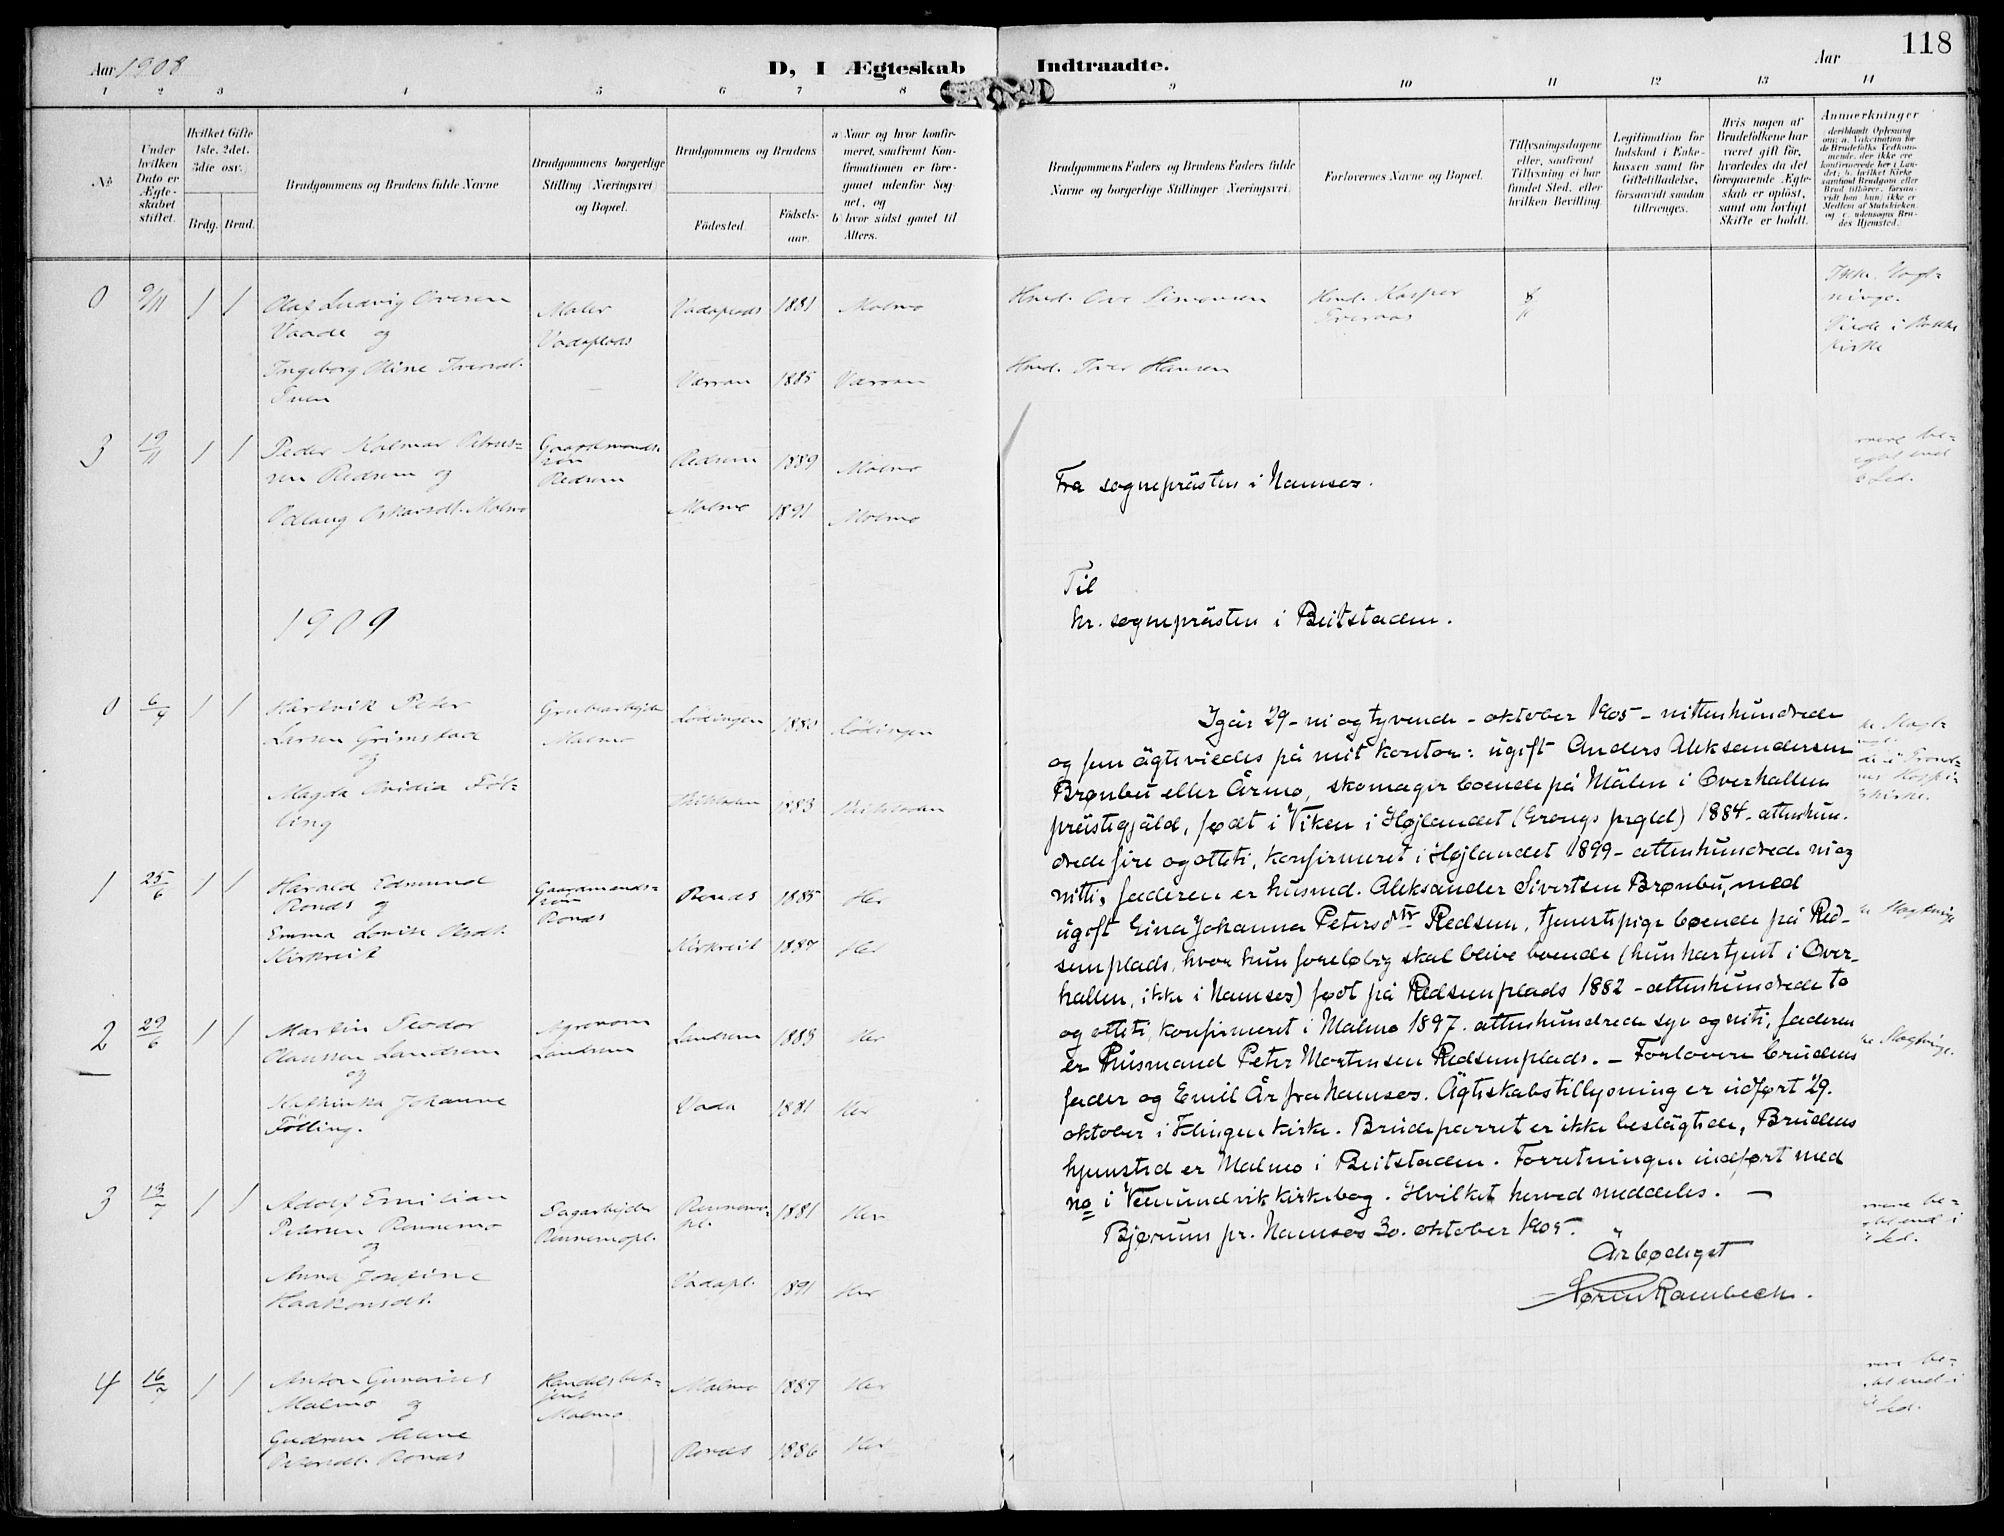 SAT, Ministerialprotokoller, klokkerbøker og fødselsregistre - Nord-Trøndelag, 745/L0430: Ministerialbok nr. 745A02, 1895-1913, s. 118